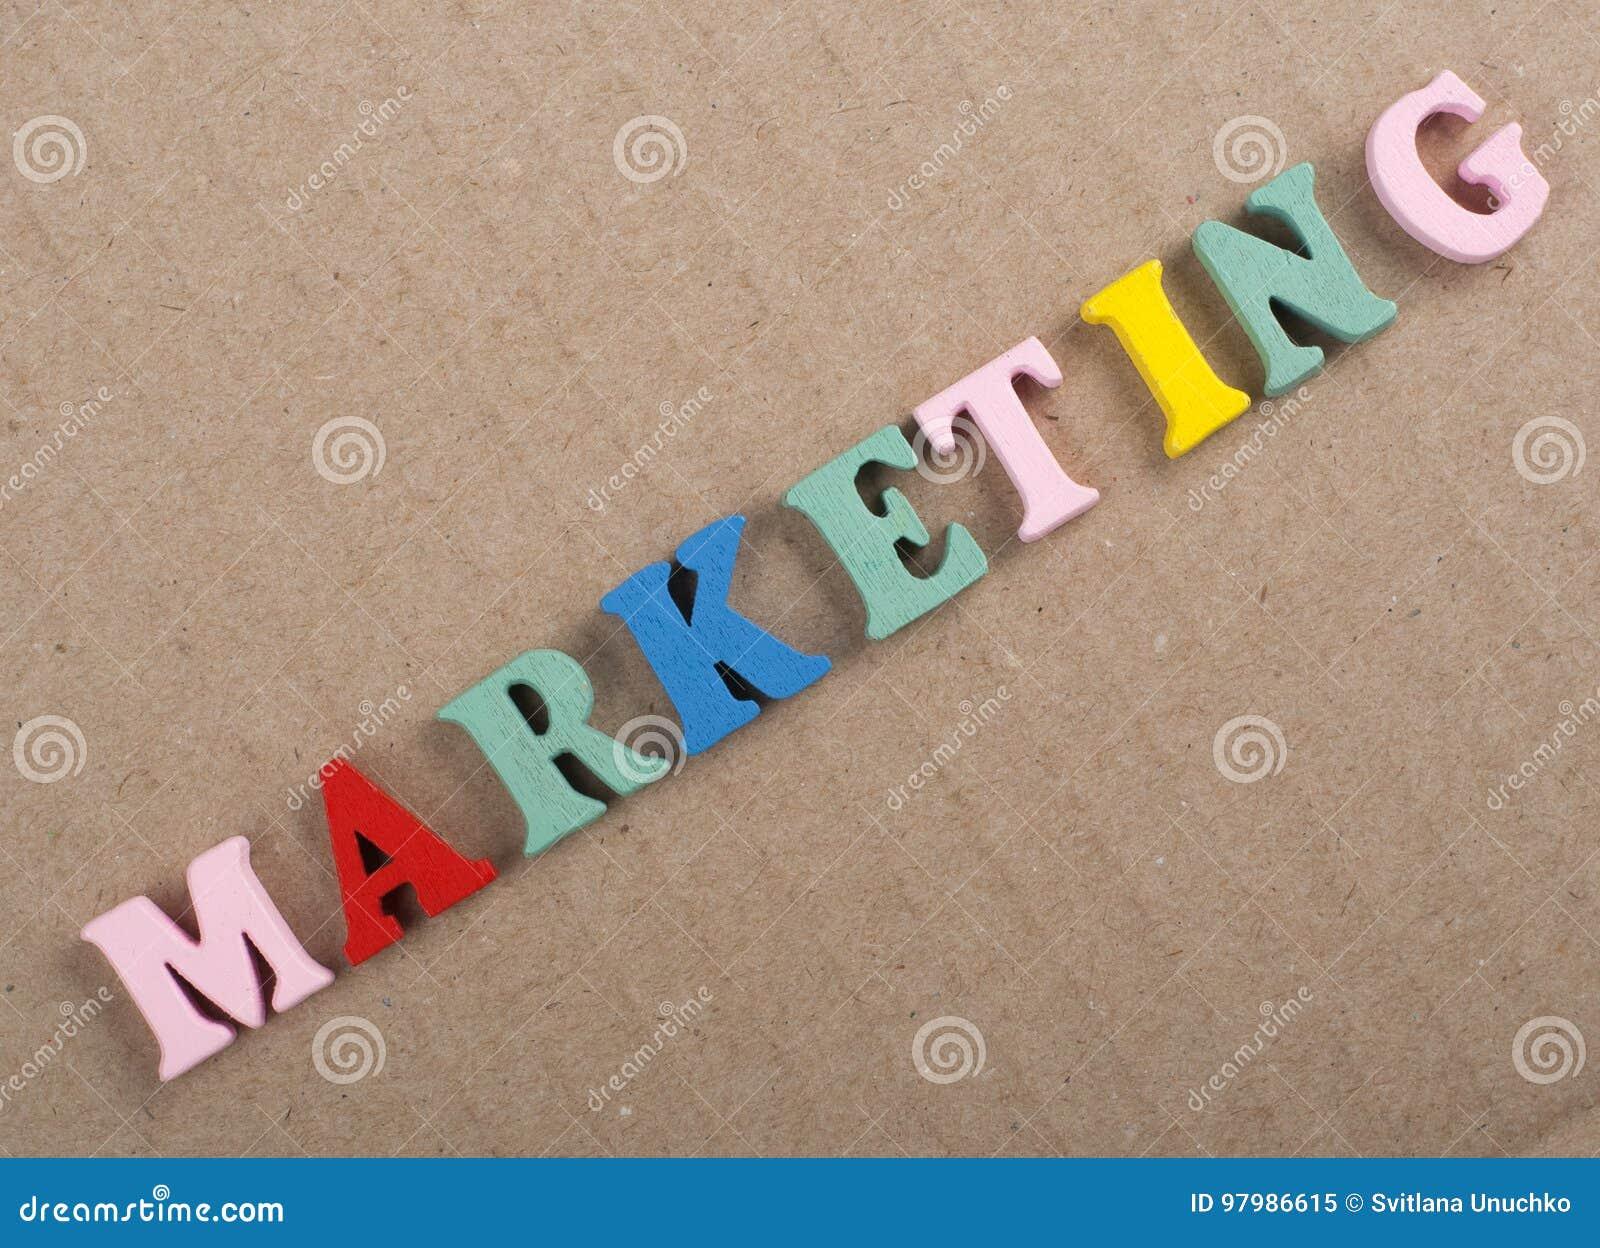 MARKETING-Wort auf dem hölzernen Hintergrund verfasst von den hölzernen Buchstaben des bunten ABC-Alphabetblockes, Kopienraum für